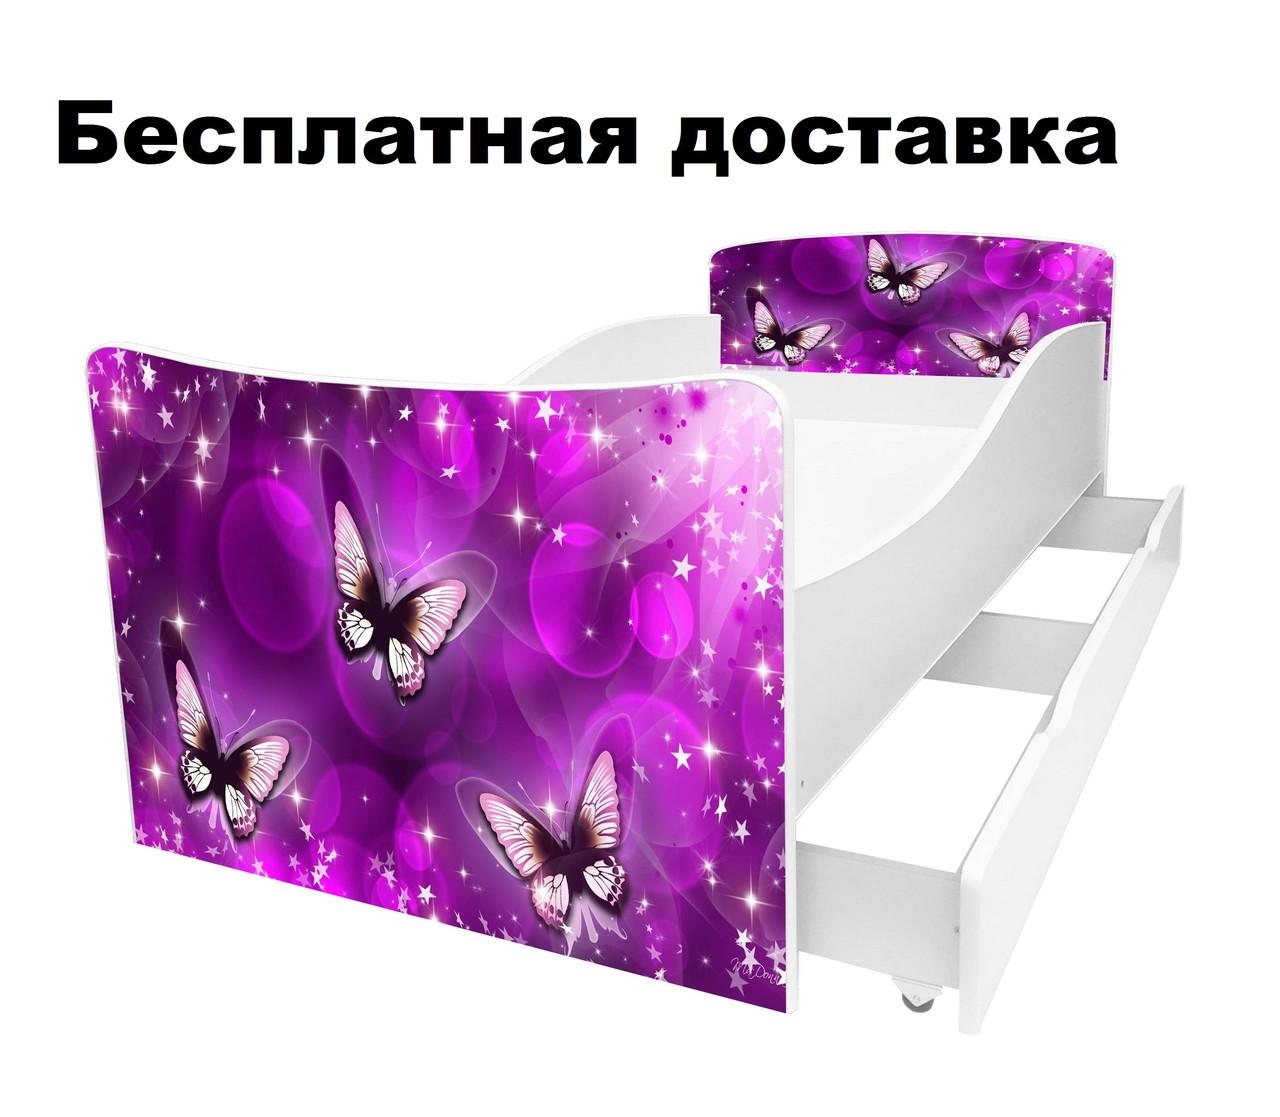 Детская кровать Волшебные бабочки